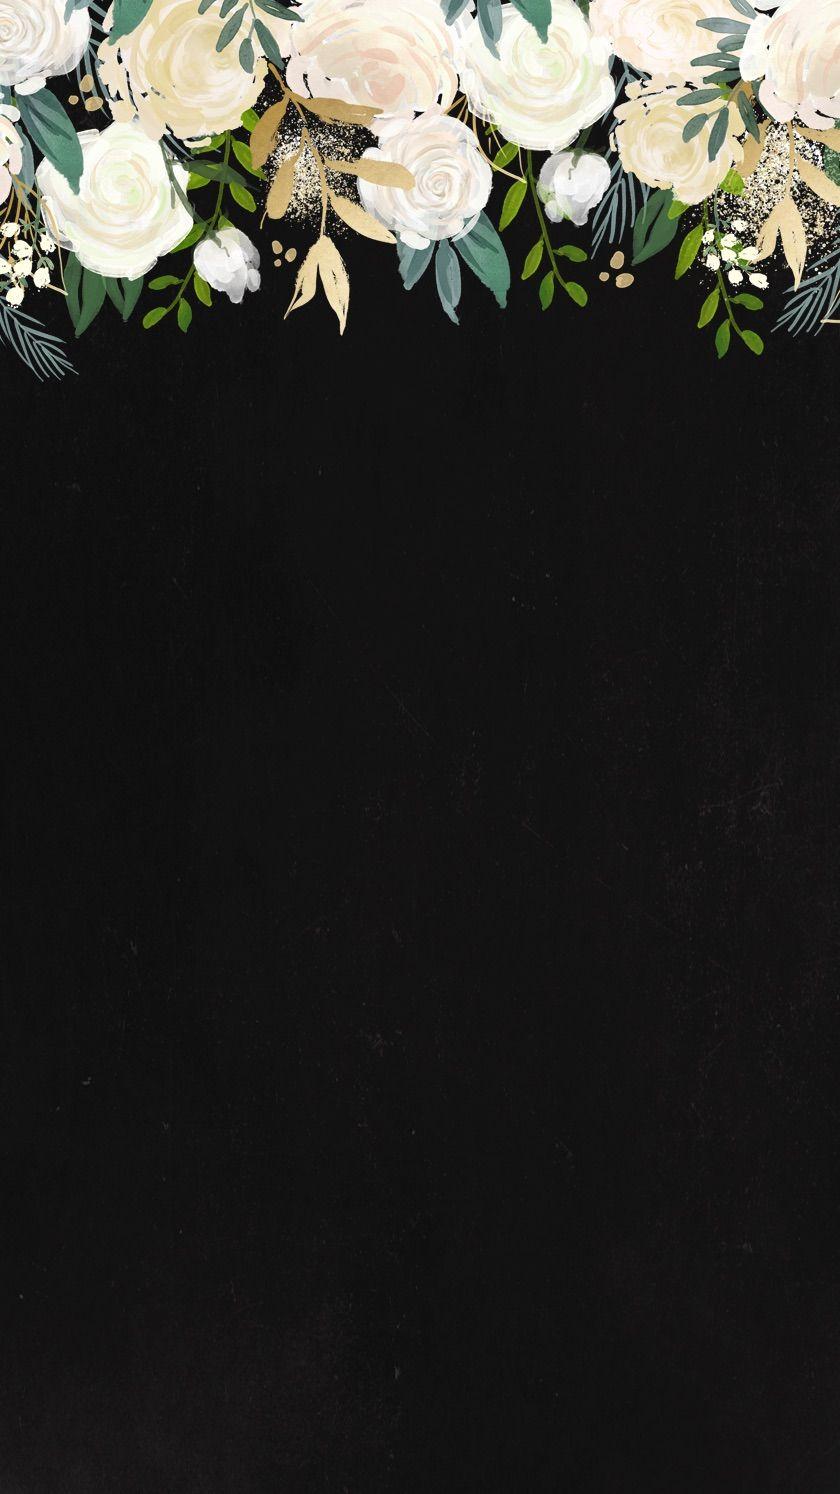 Pin von natalie richards auf backrounds pinterest for Schwarze mustertapete